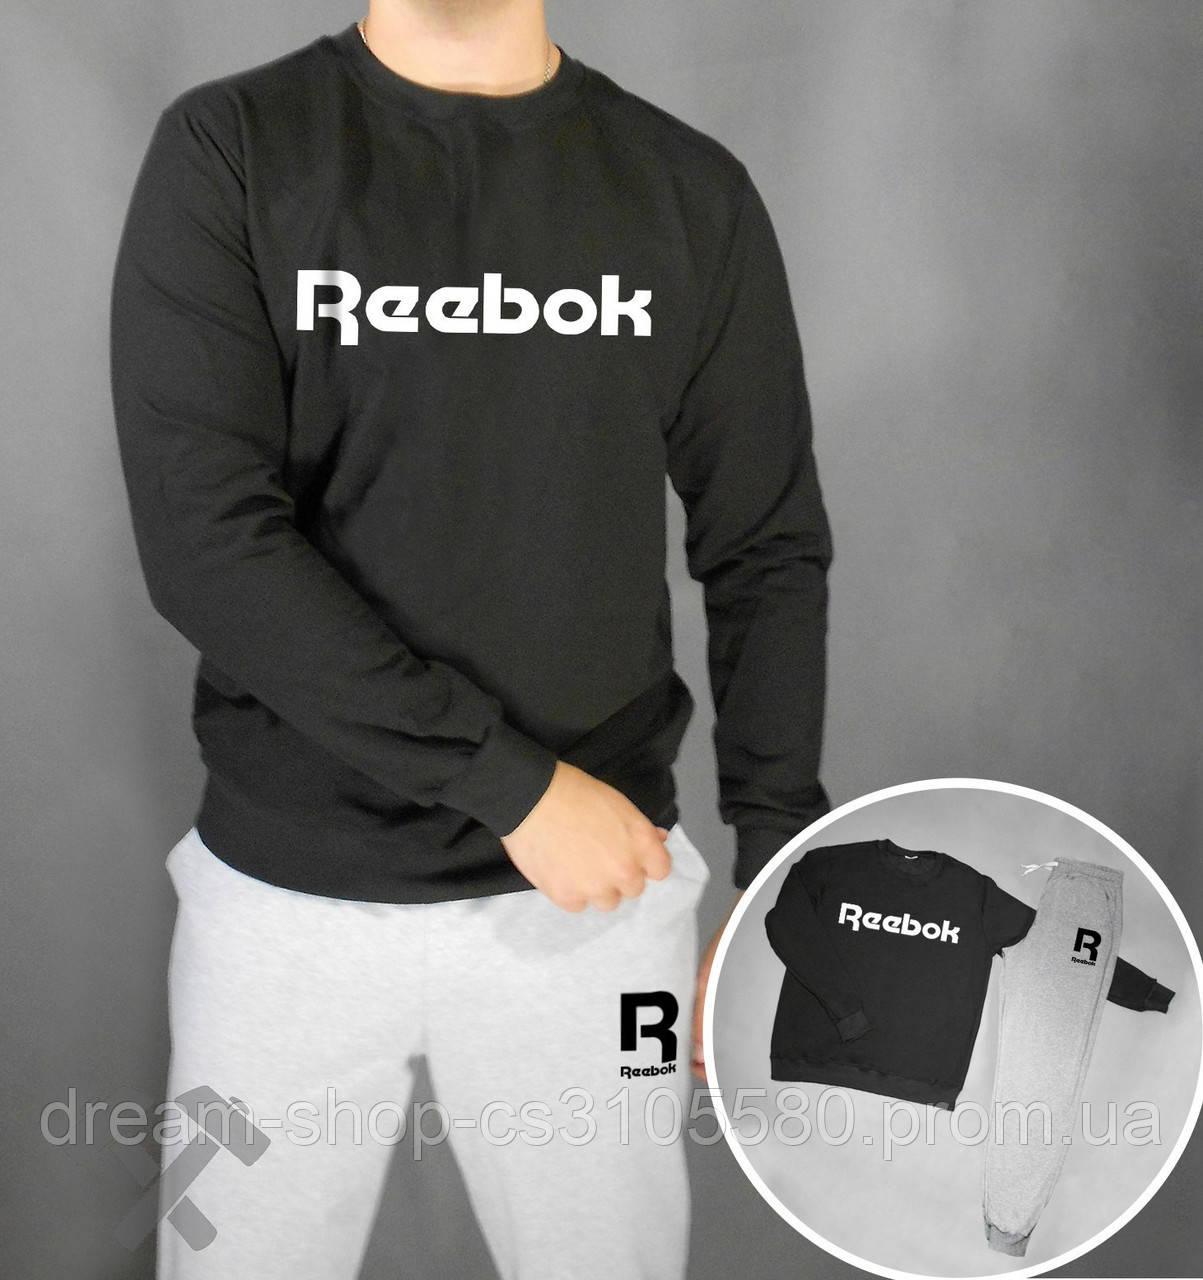 Чоловічий спортивний костюм Рібок, світшот і штани